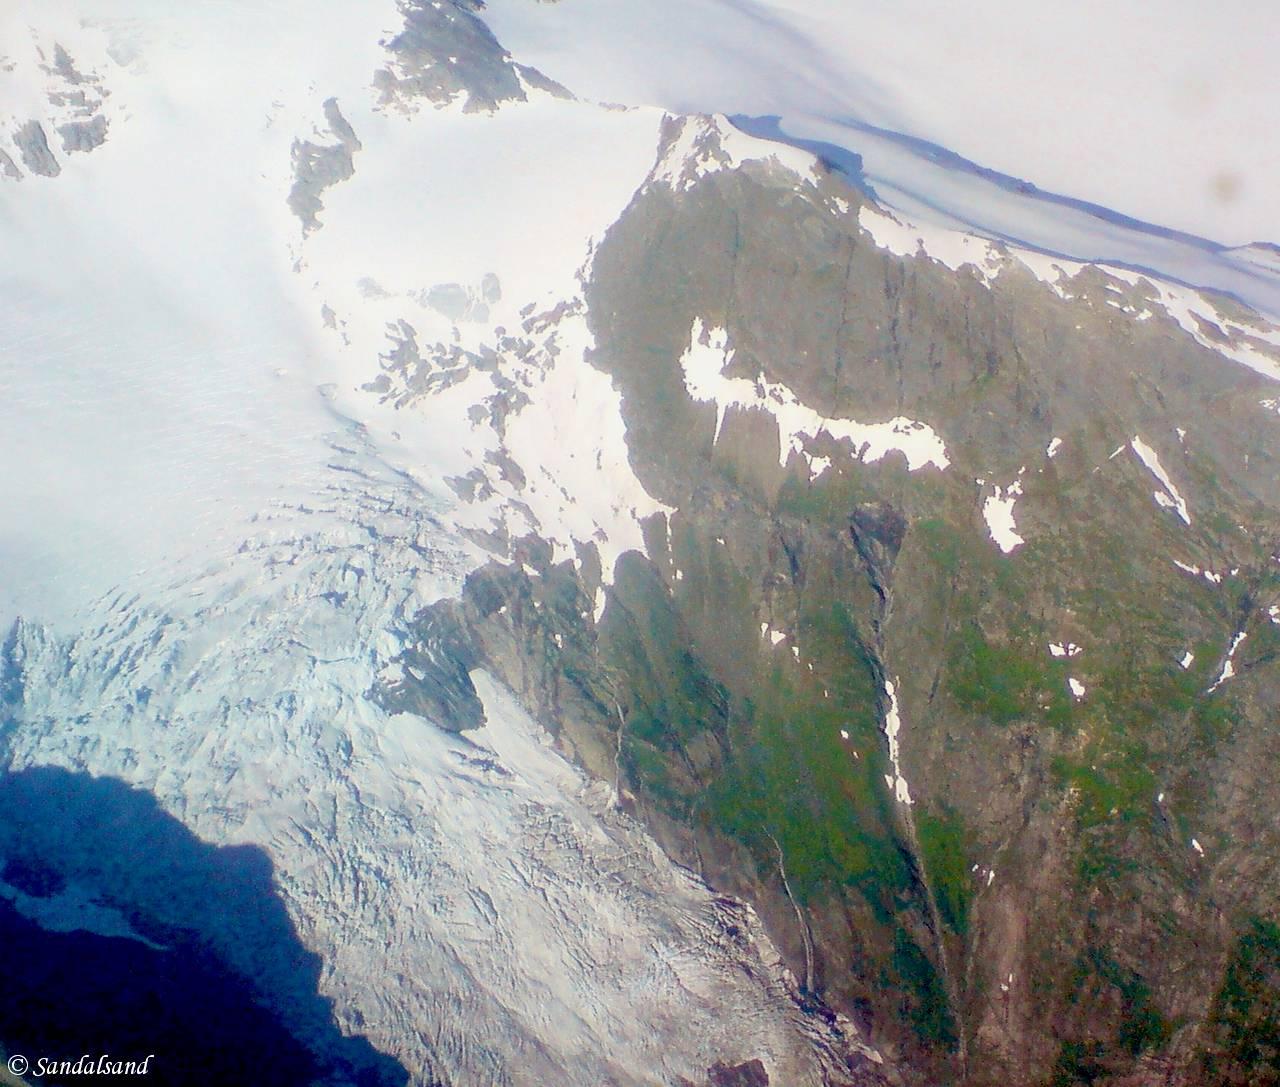 Norway - Jostedalsbreen